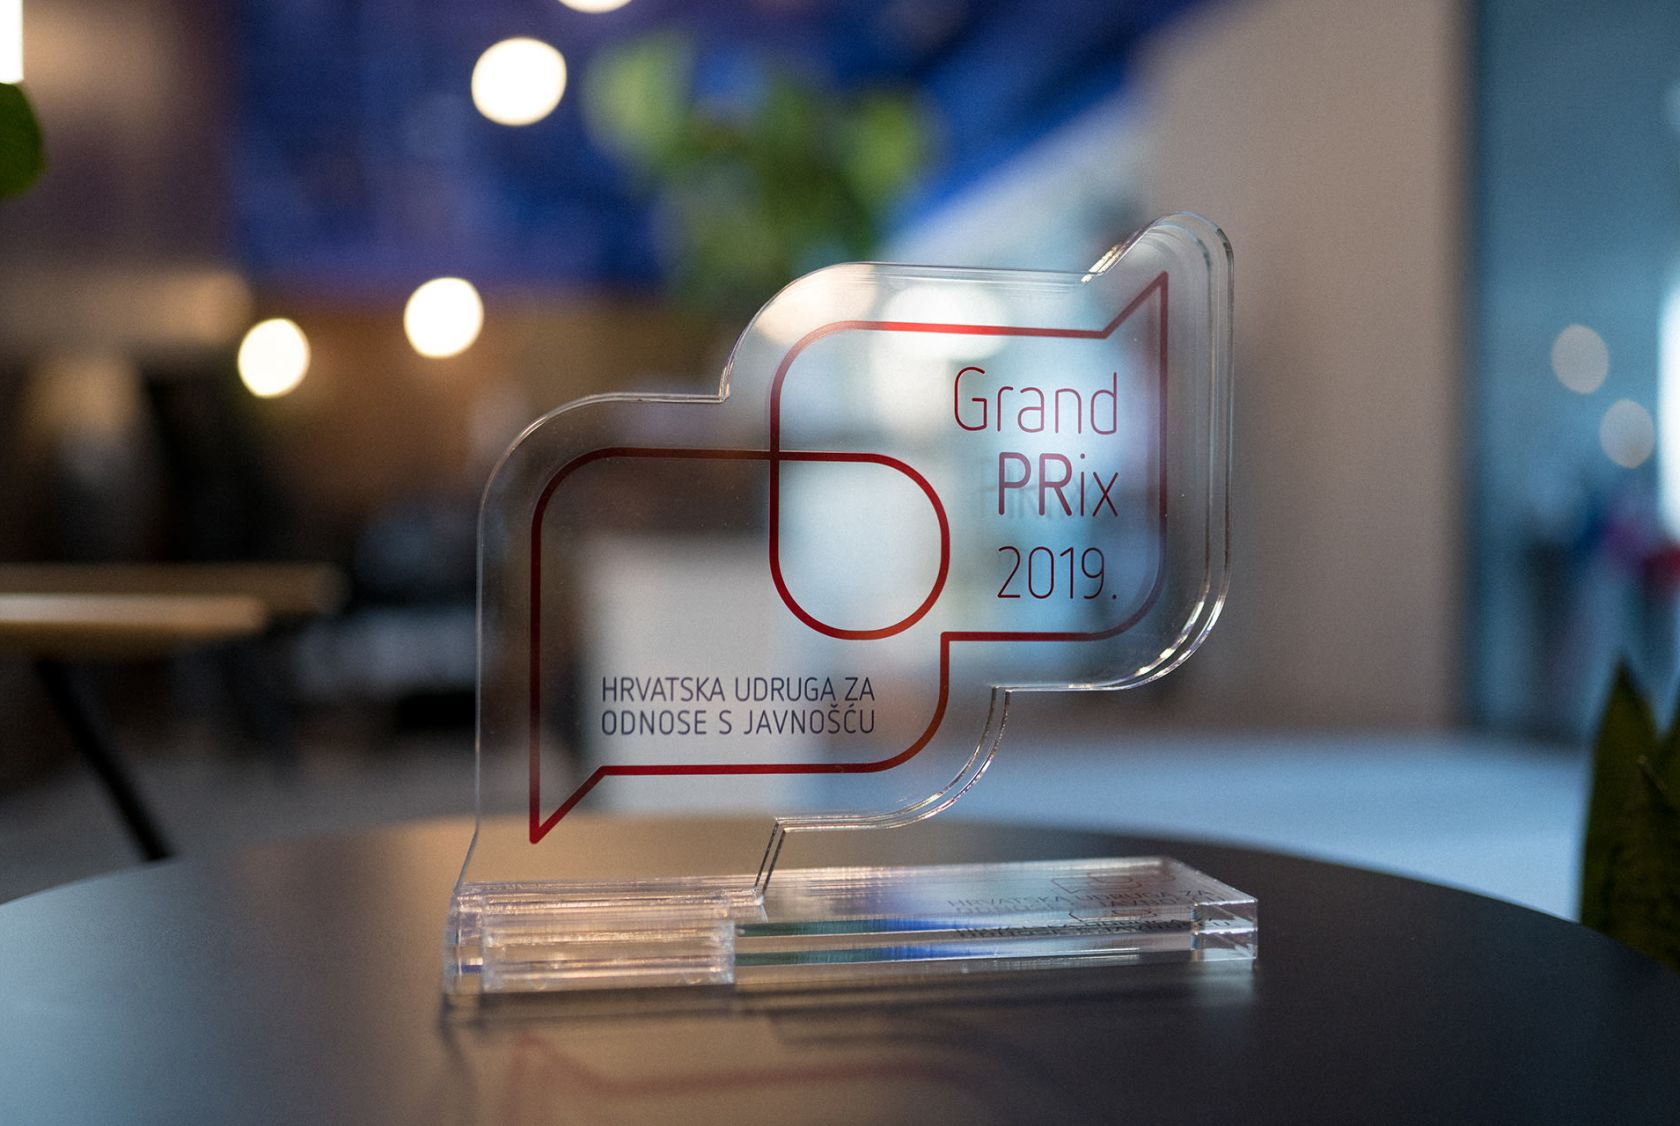 Campaign titled Ponosni na dobar posao u Valamaru wins Grand PRix in large companies category